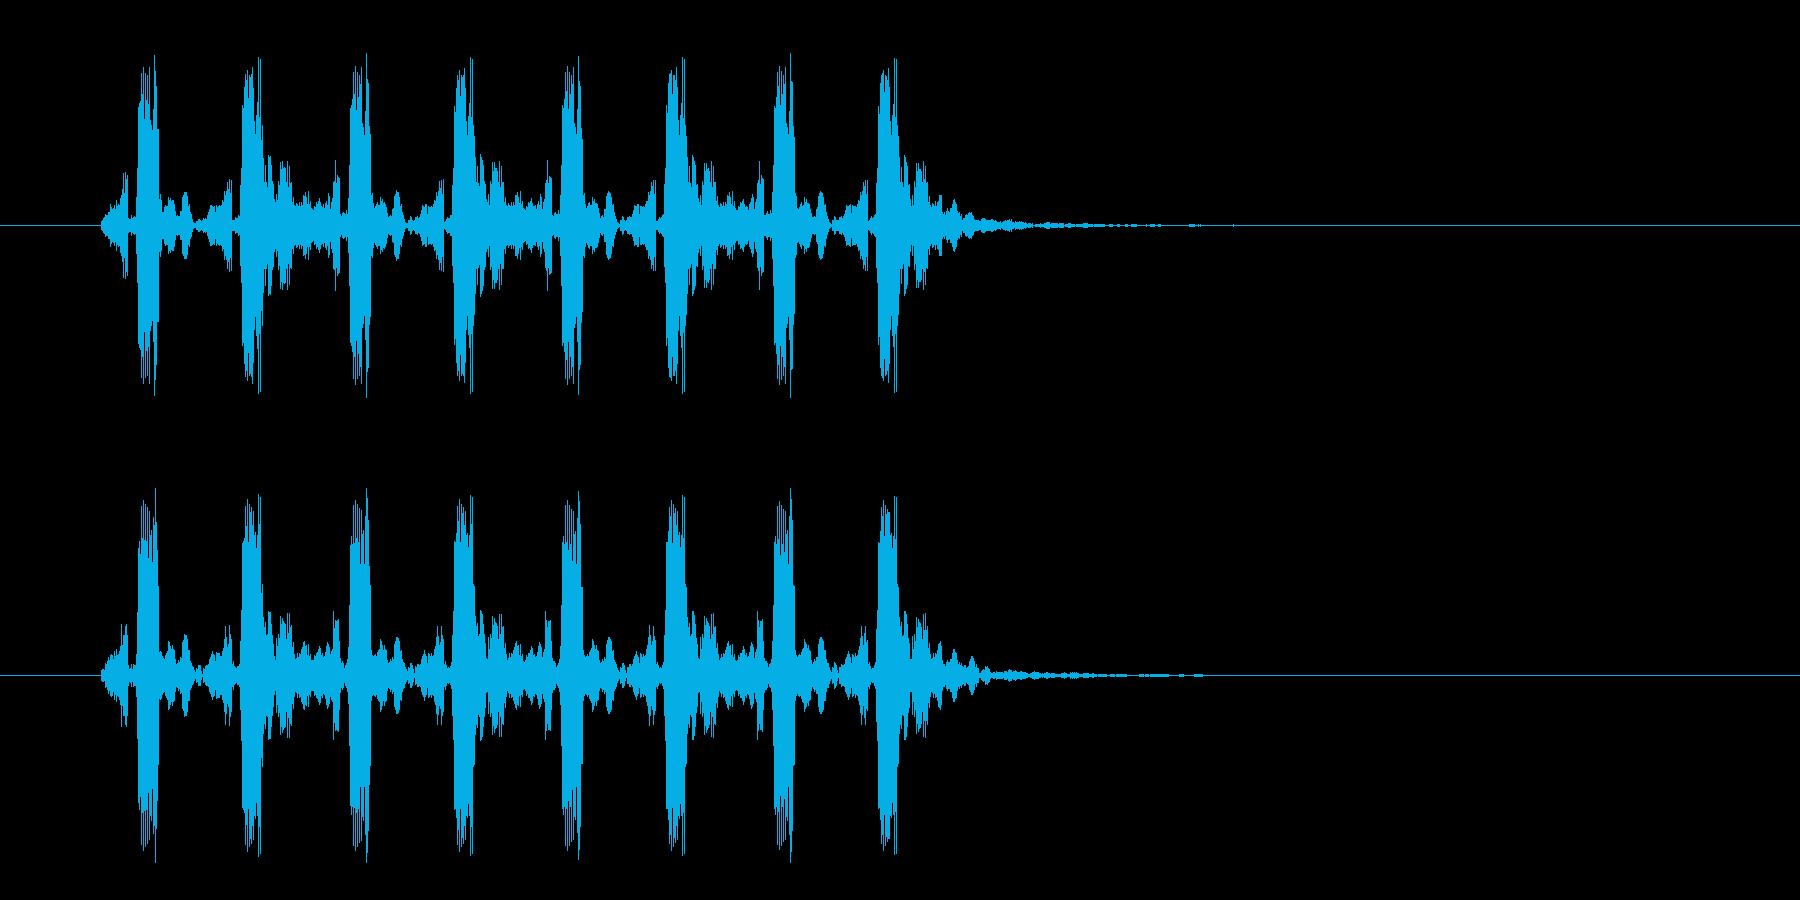 疾走感のあるミステリアスな音楽の再生済みの波形